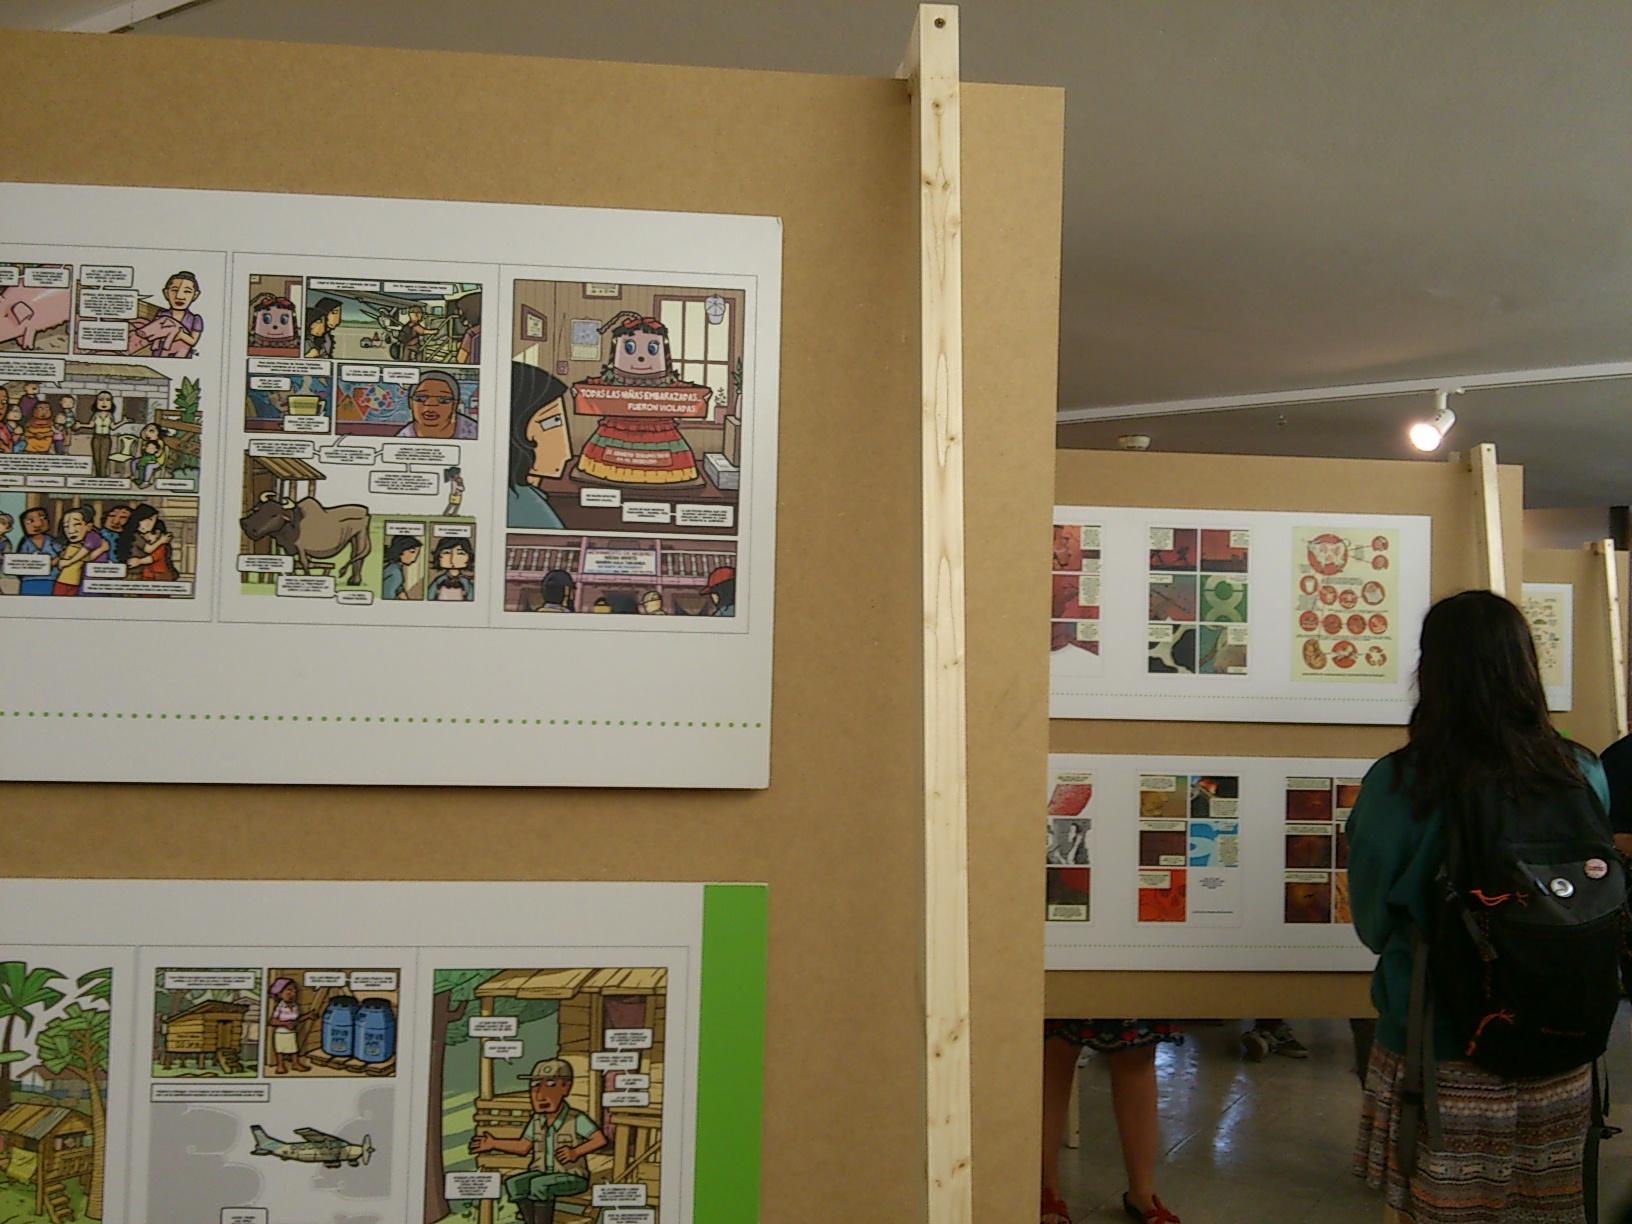 Exposición Viñetas de vida en la Biblioteca CampUSCulturae. Natalia